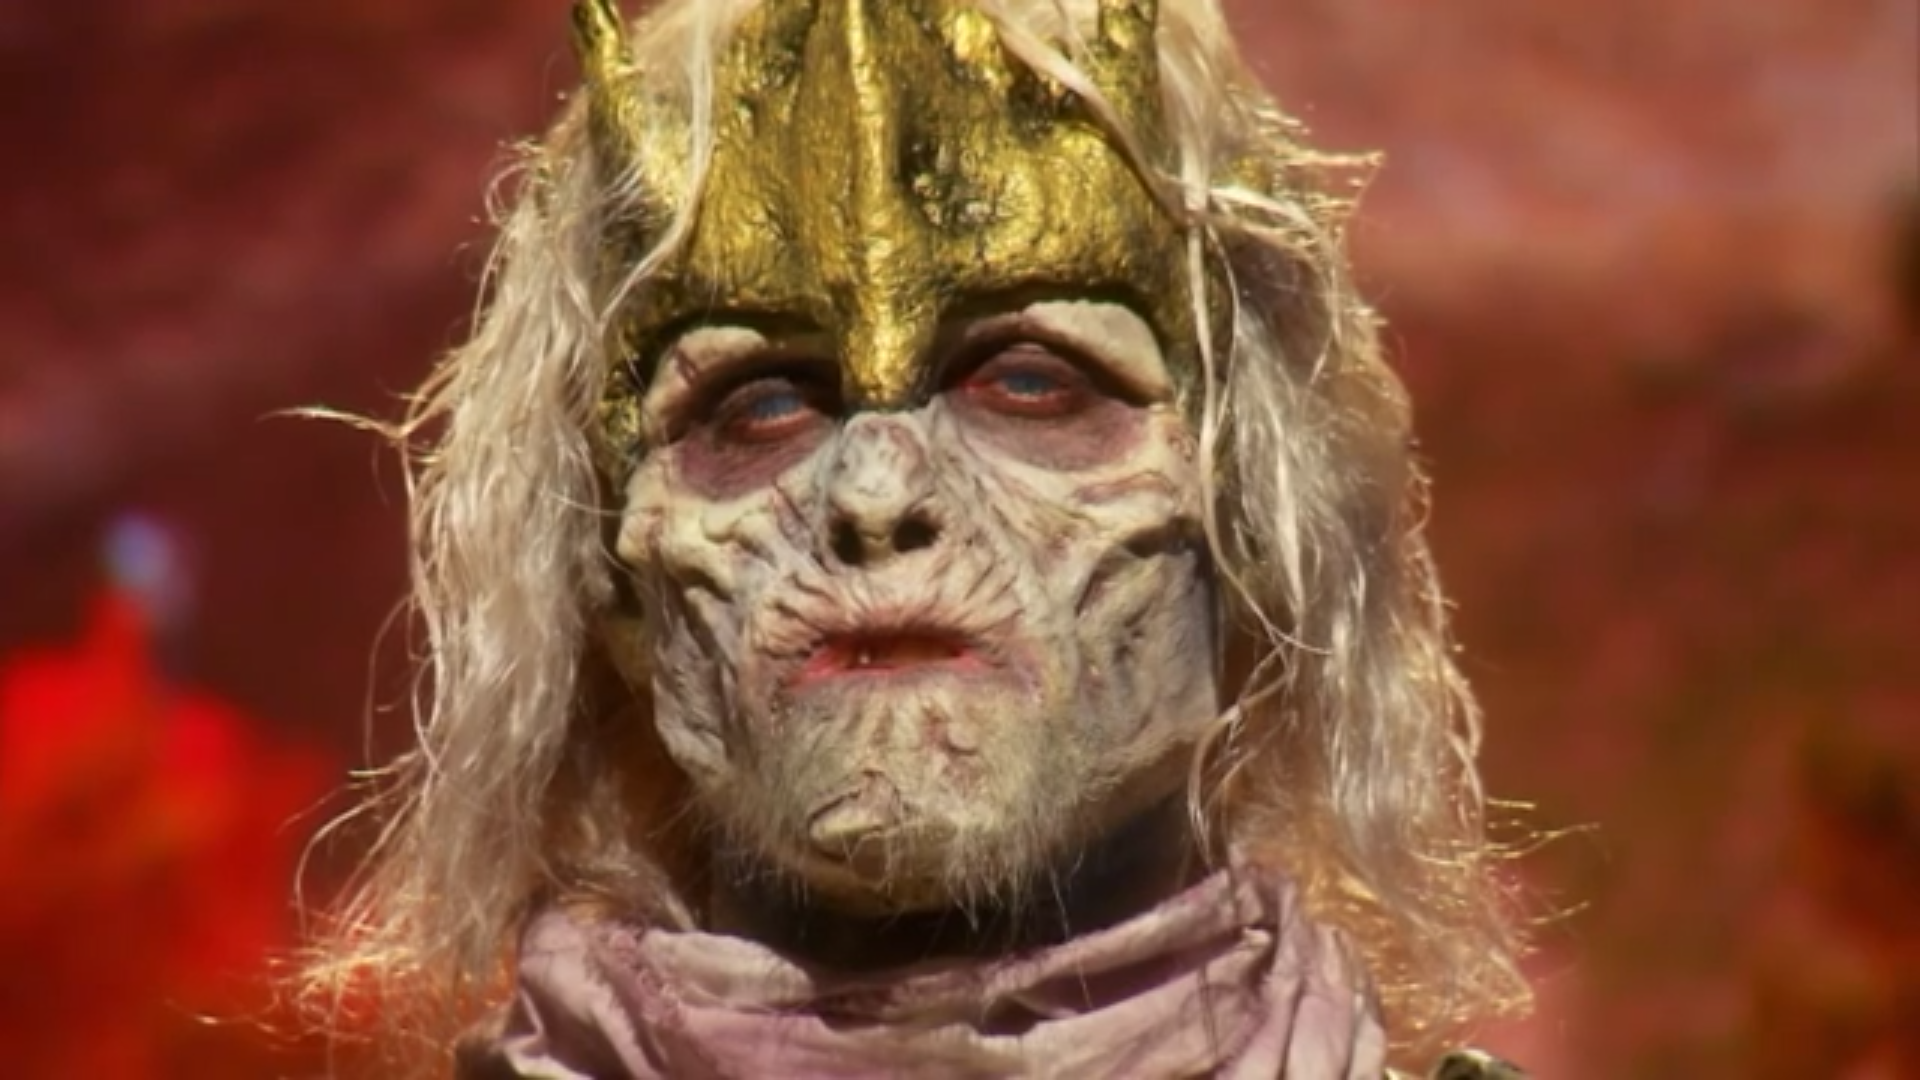 A close look at Ben Ploughman's finished makeup